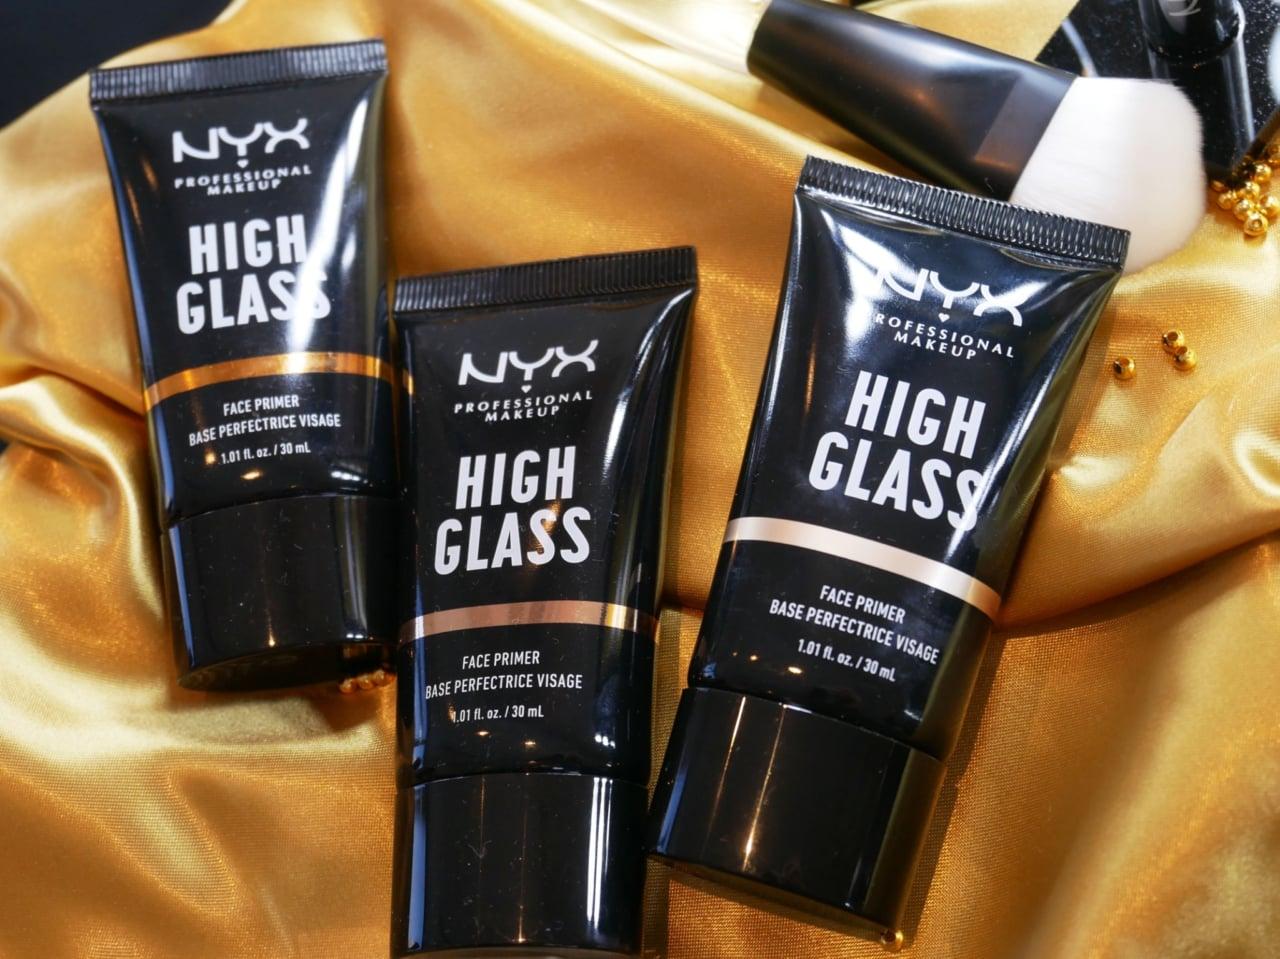 NYX Professional Makeup ハイグラス フェイス プライマー